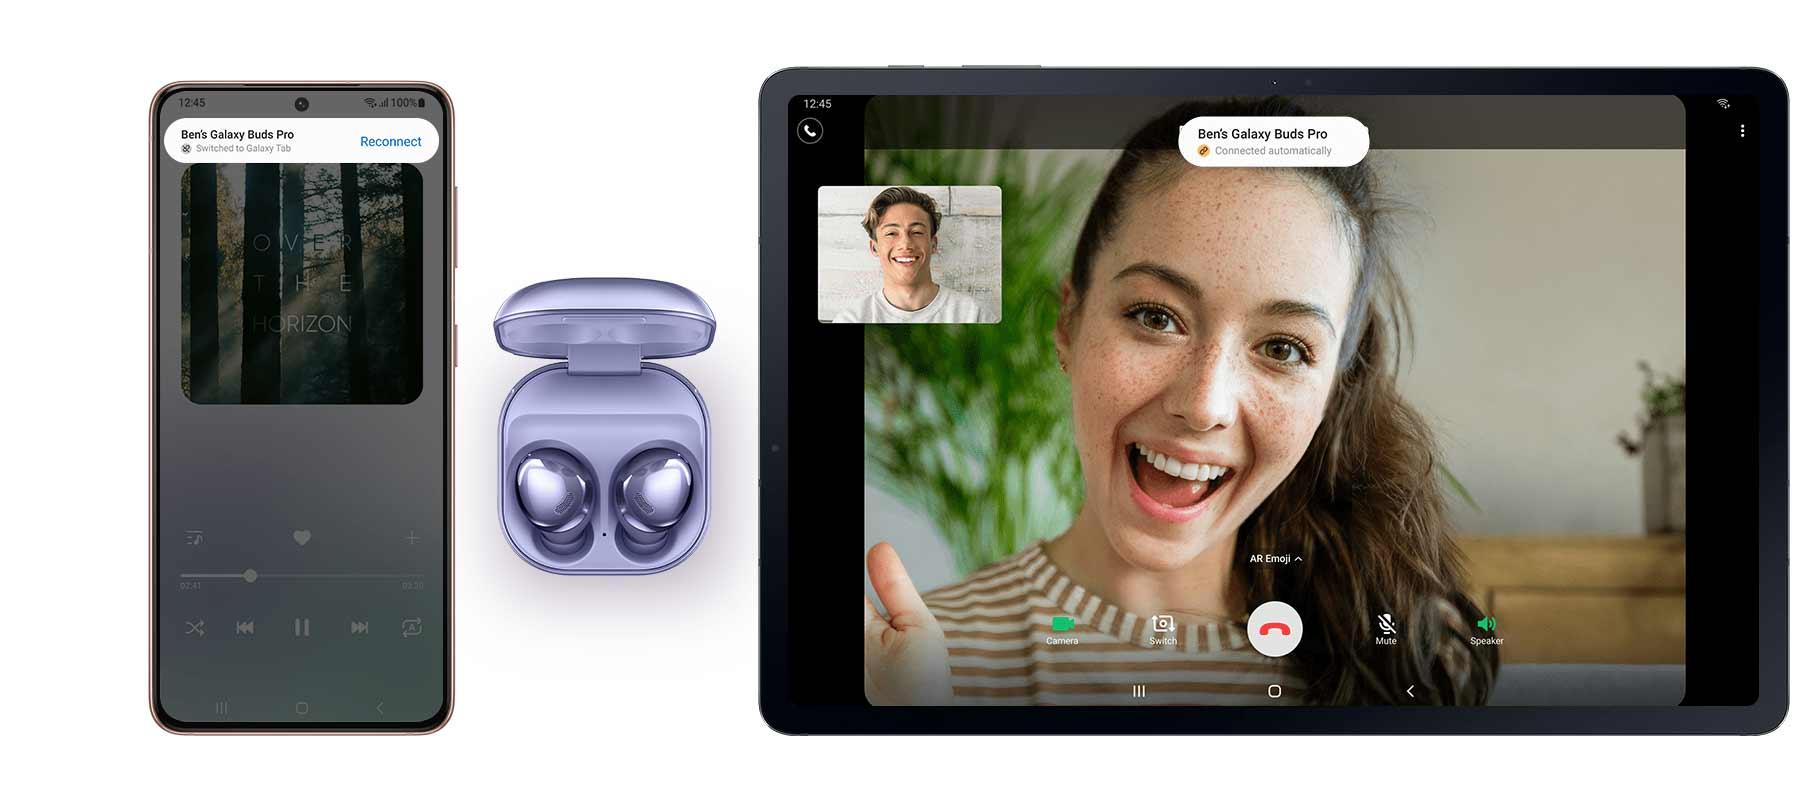 قابلیت اتصال راحت هدفون بی سیم سامسونگ Galaxy Buds Pro